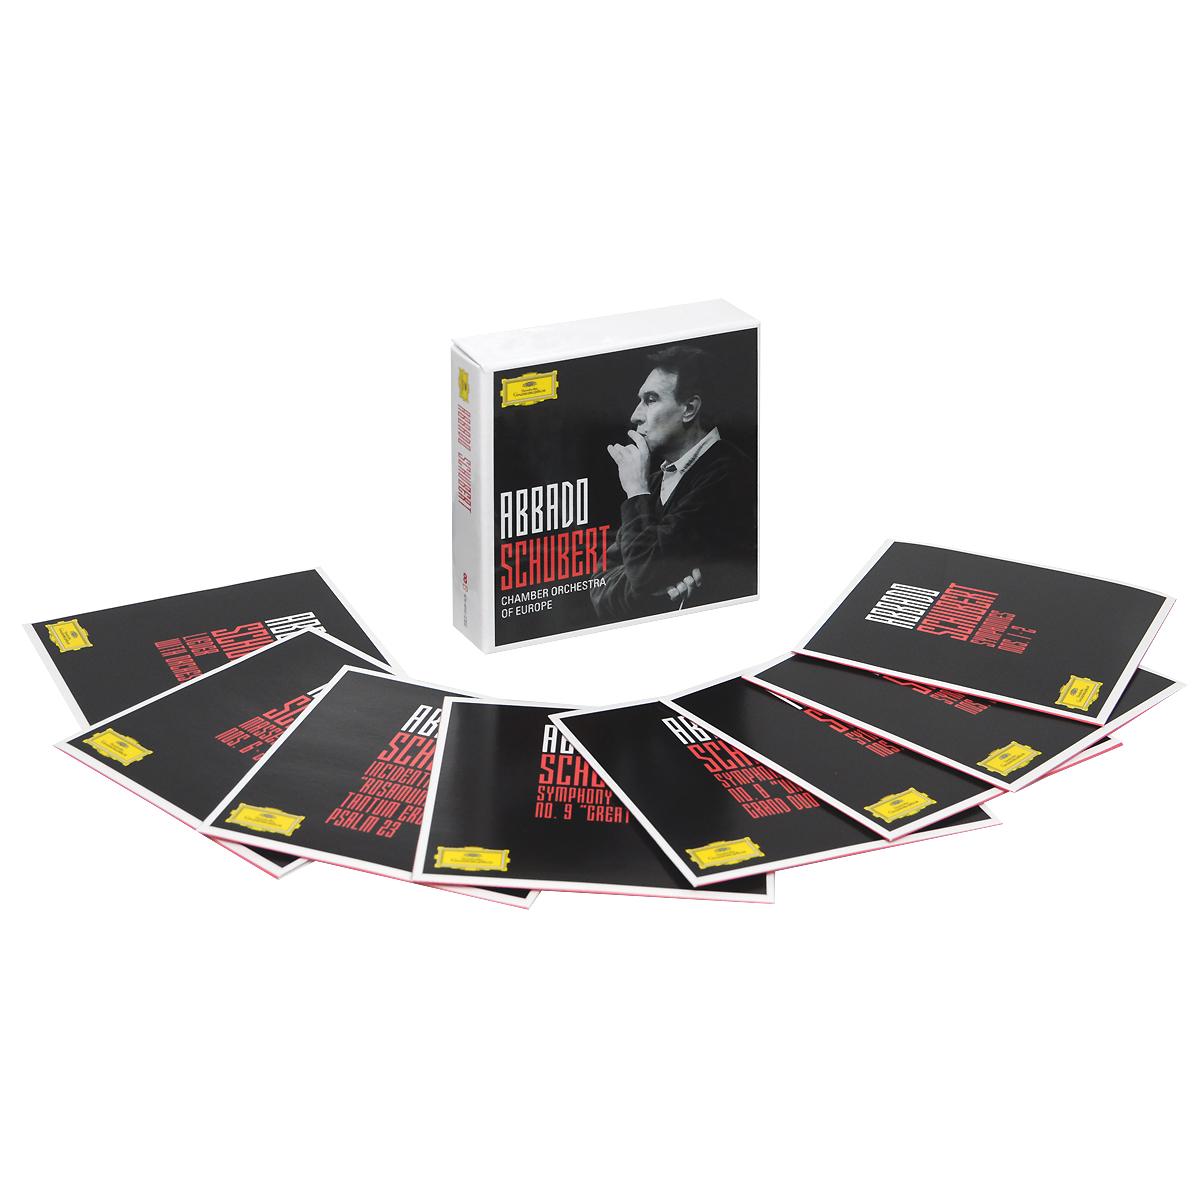 Издание содержит 30-страничный буклет с дополнительной информацией на английском, немецком и французском языках.